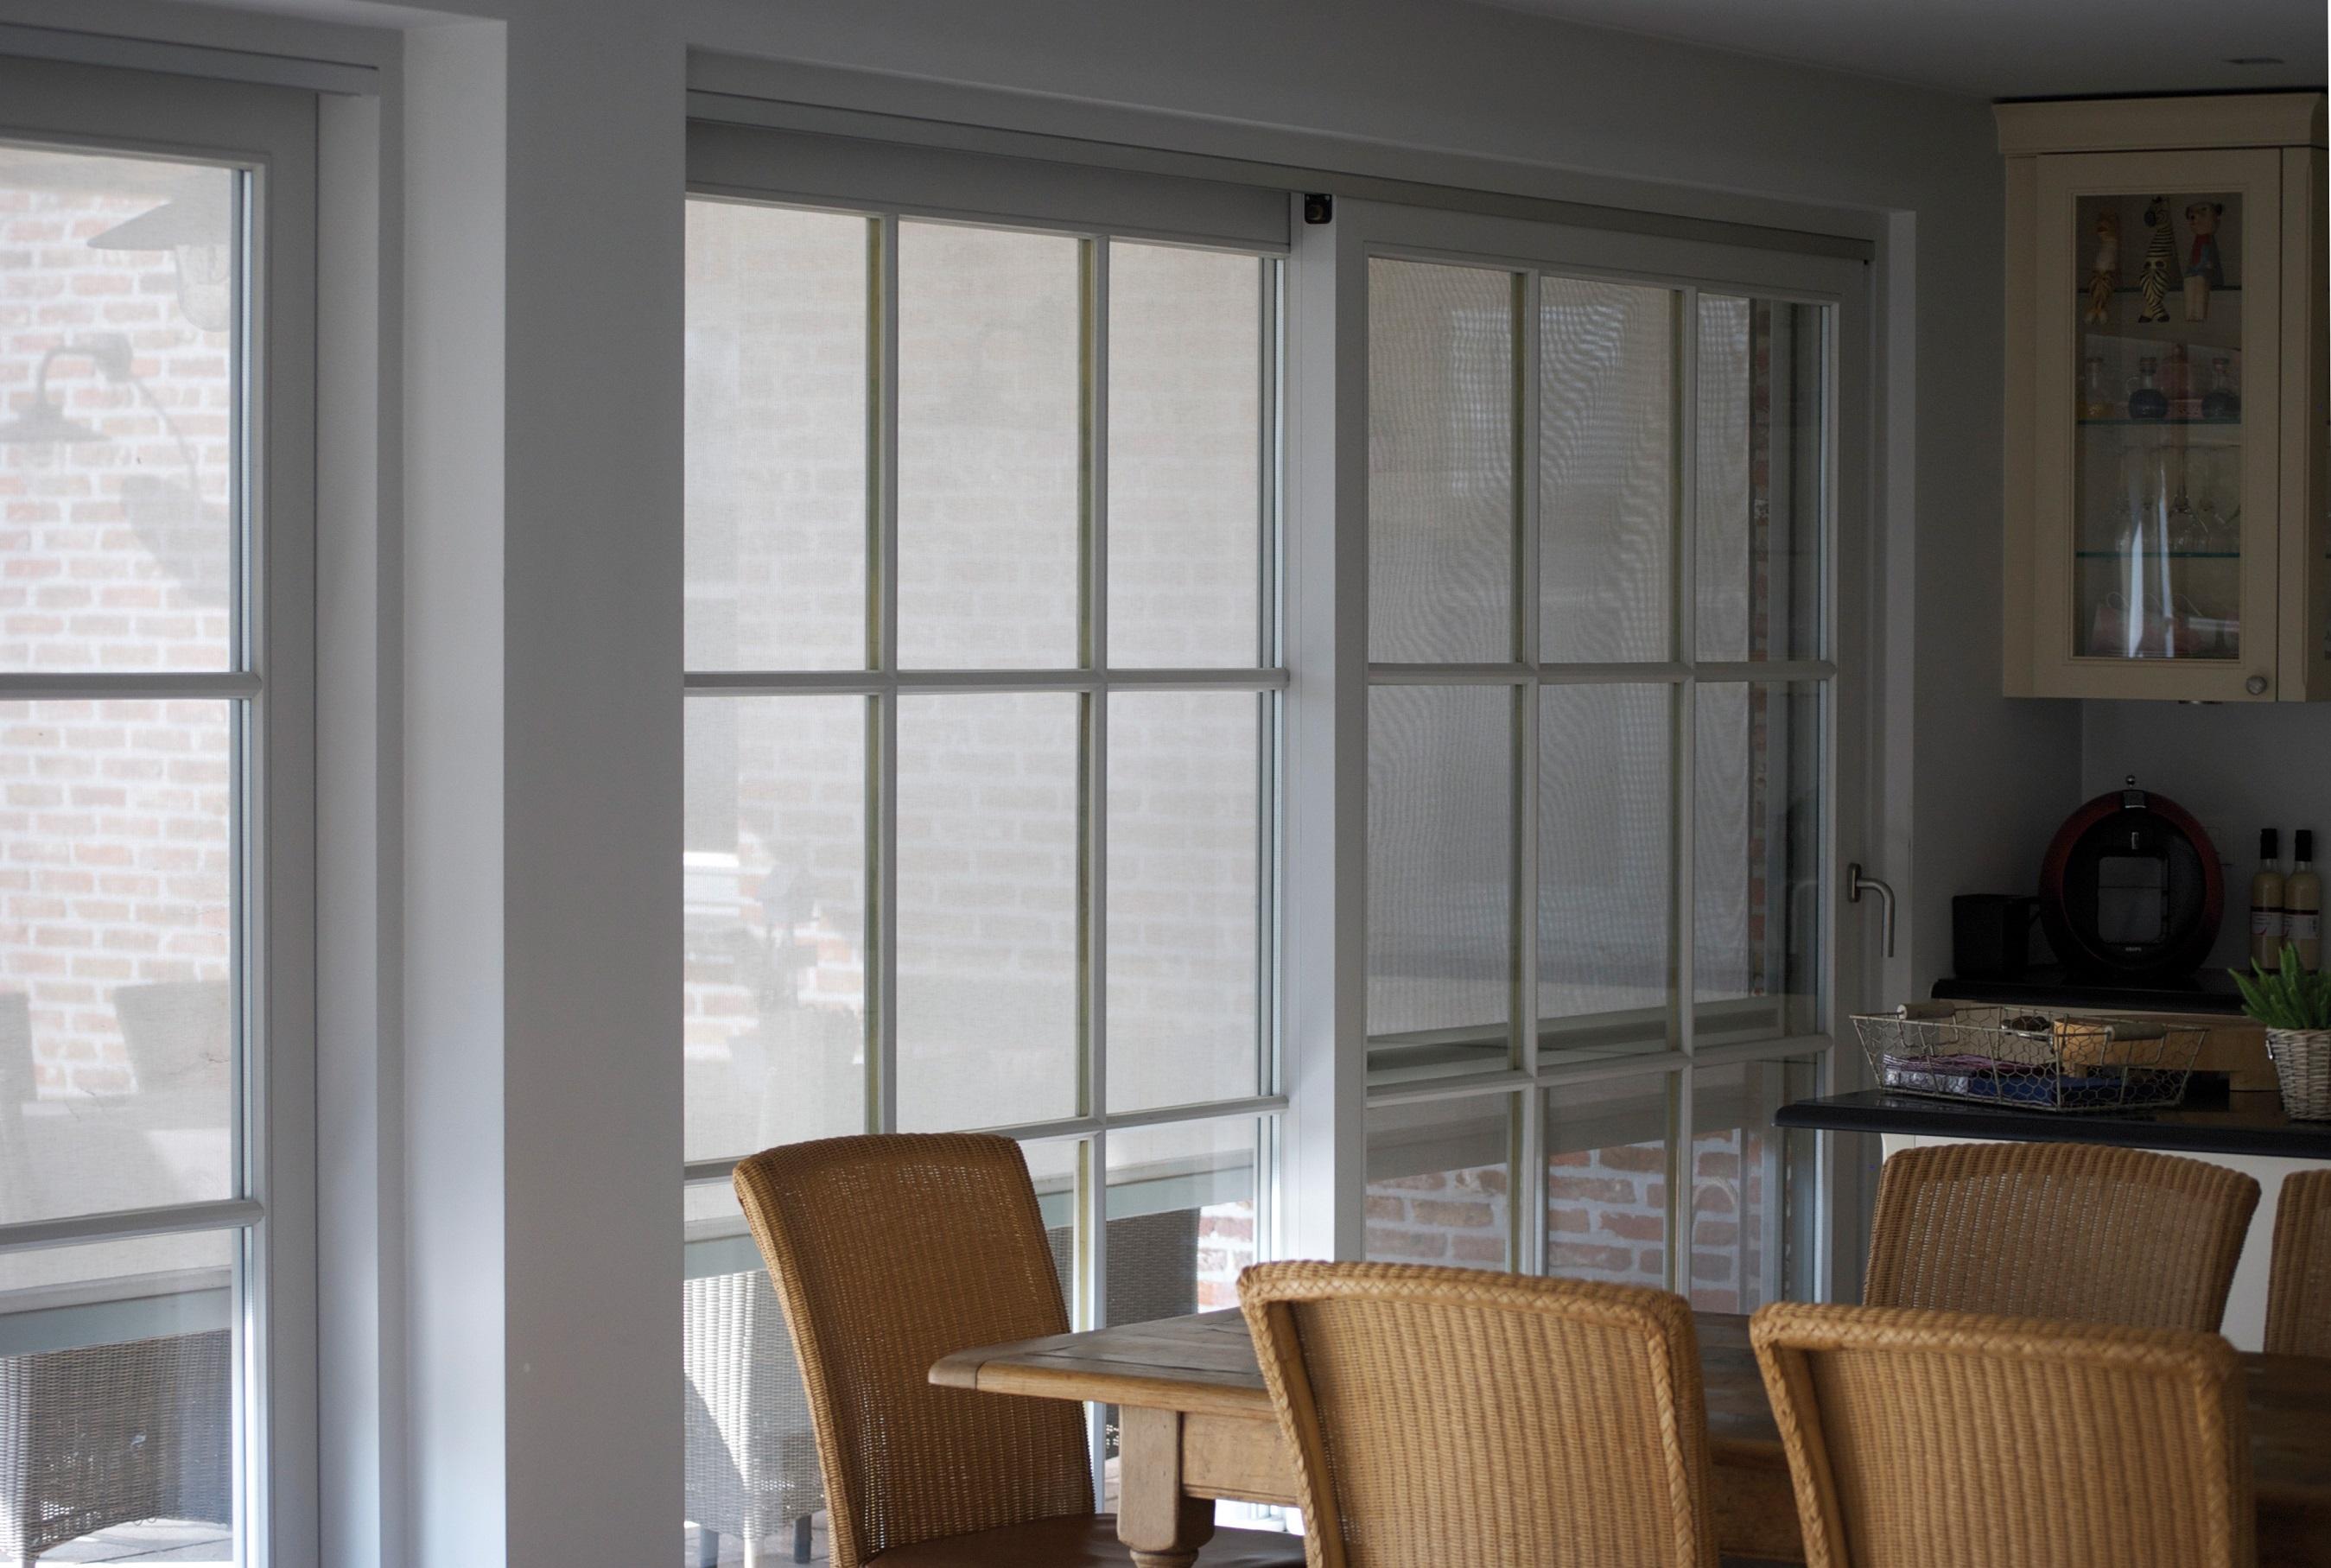 Le store screen permet de préserver la fraicheur d'une maison. Source image : Soprofen